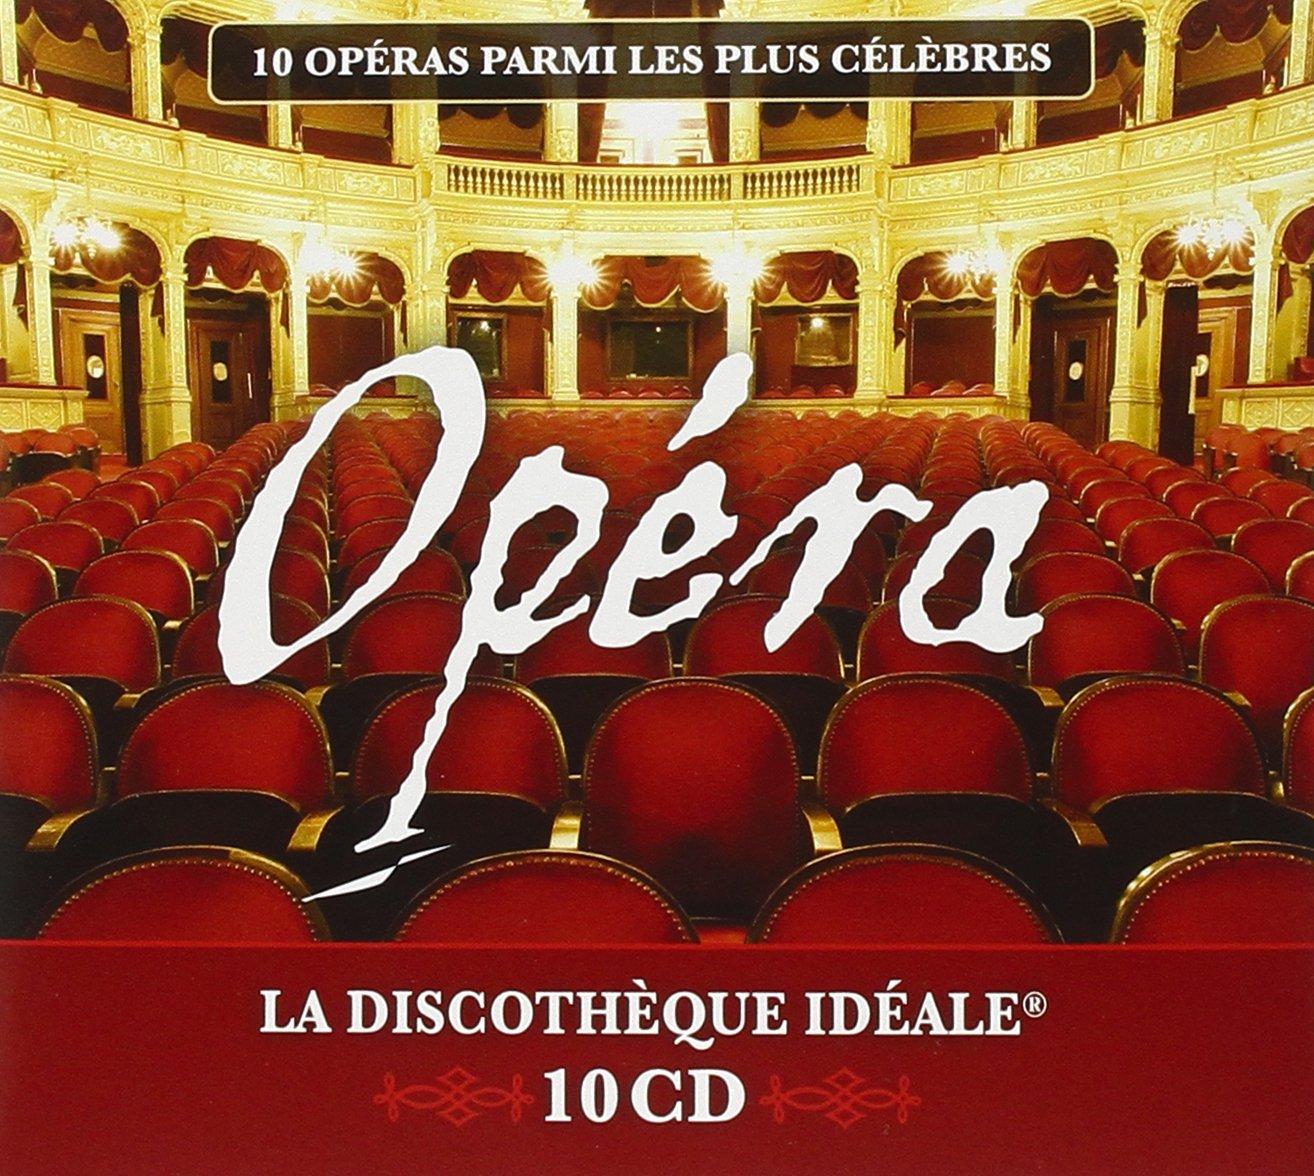 La Discotheque Ideale: Opera                                                                                                                                                                                                                                                    <span class=